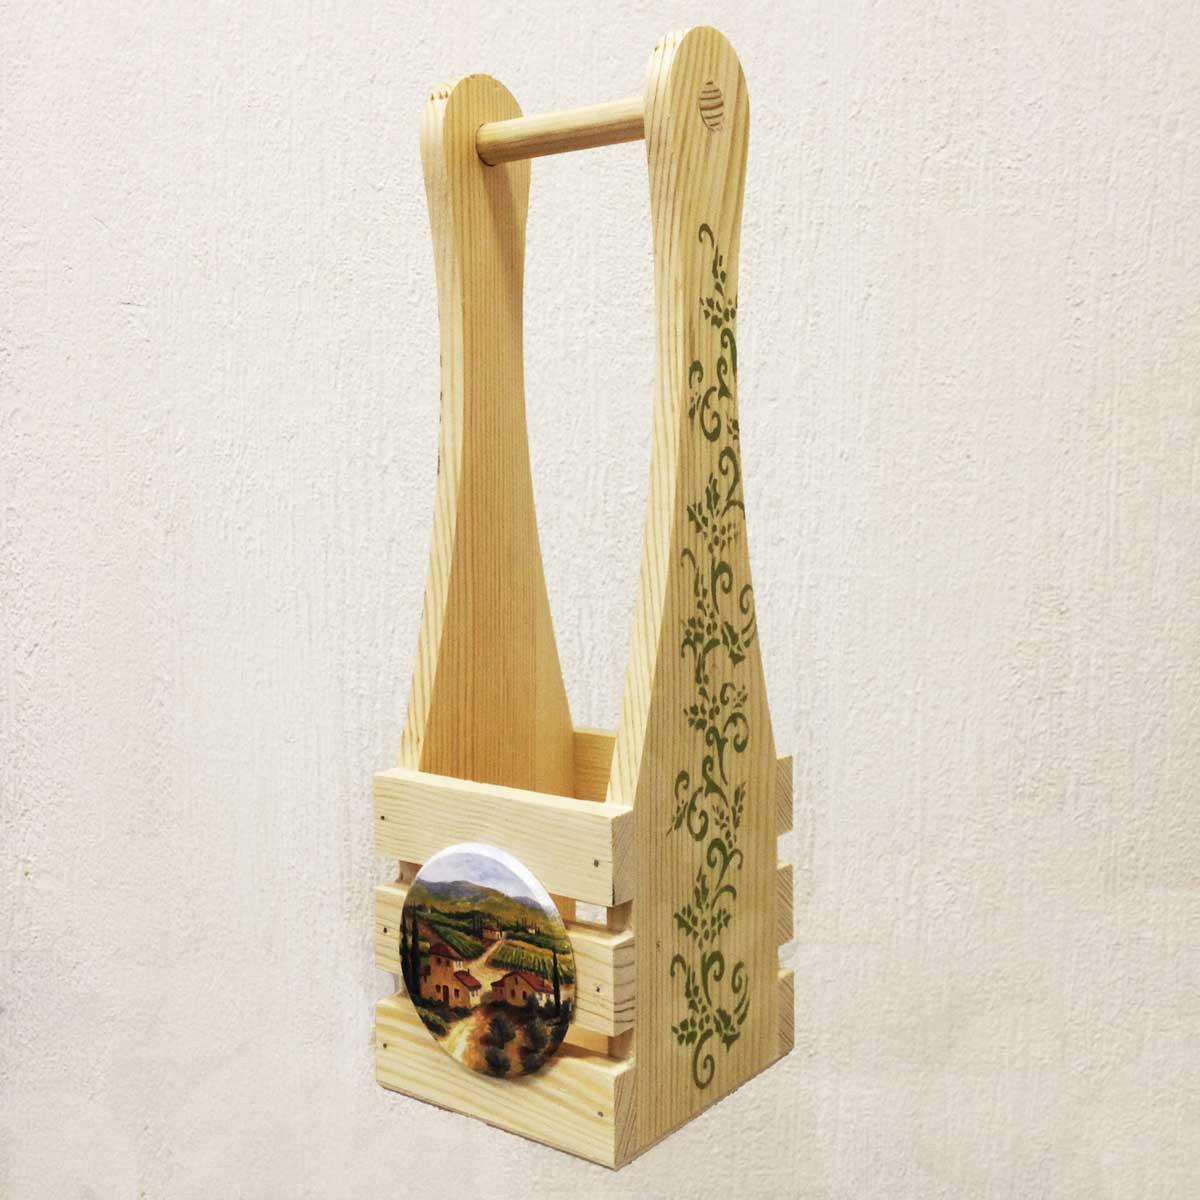 НПР-4 ПРОМЫСЕЛ Ящик для вина реечный с оформлением 37,5х12х11 см